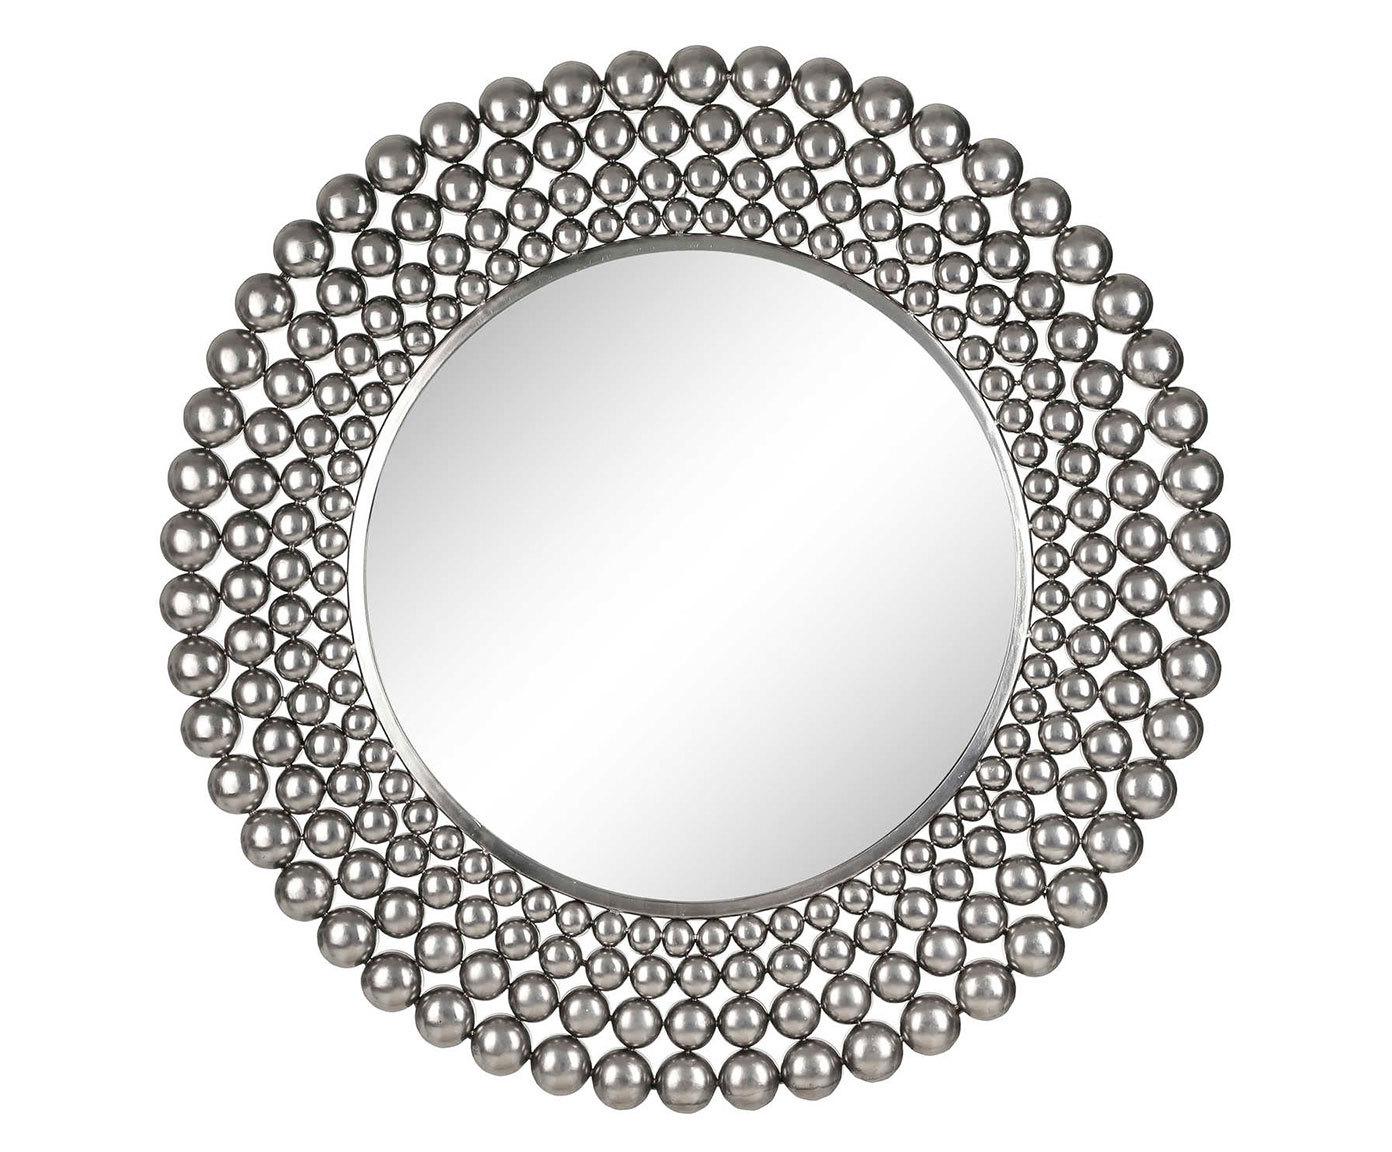 Купить Зеркало в серебристой раме, inmyroom, Испания